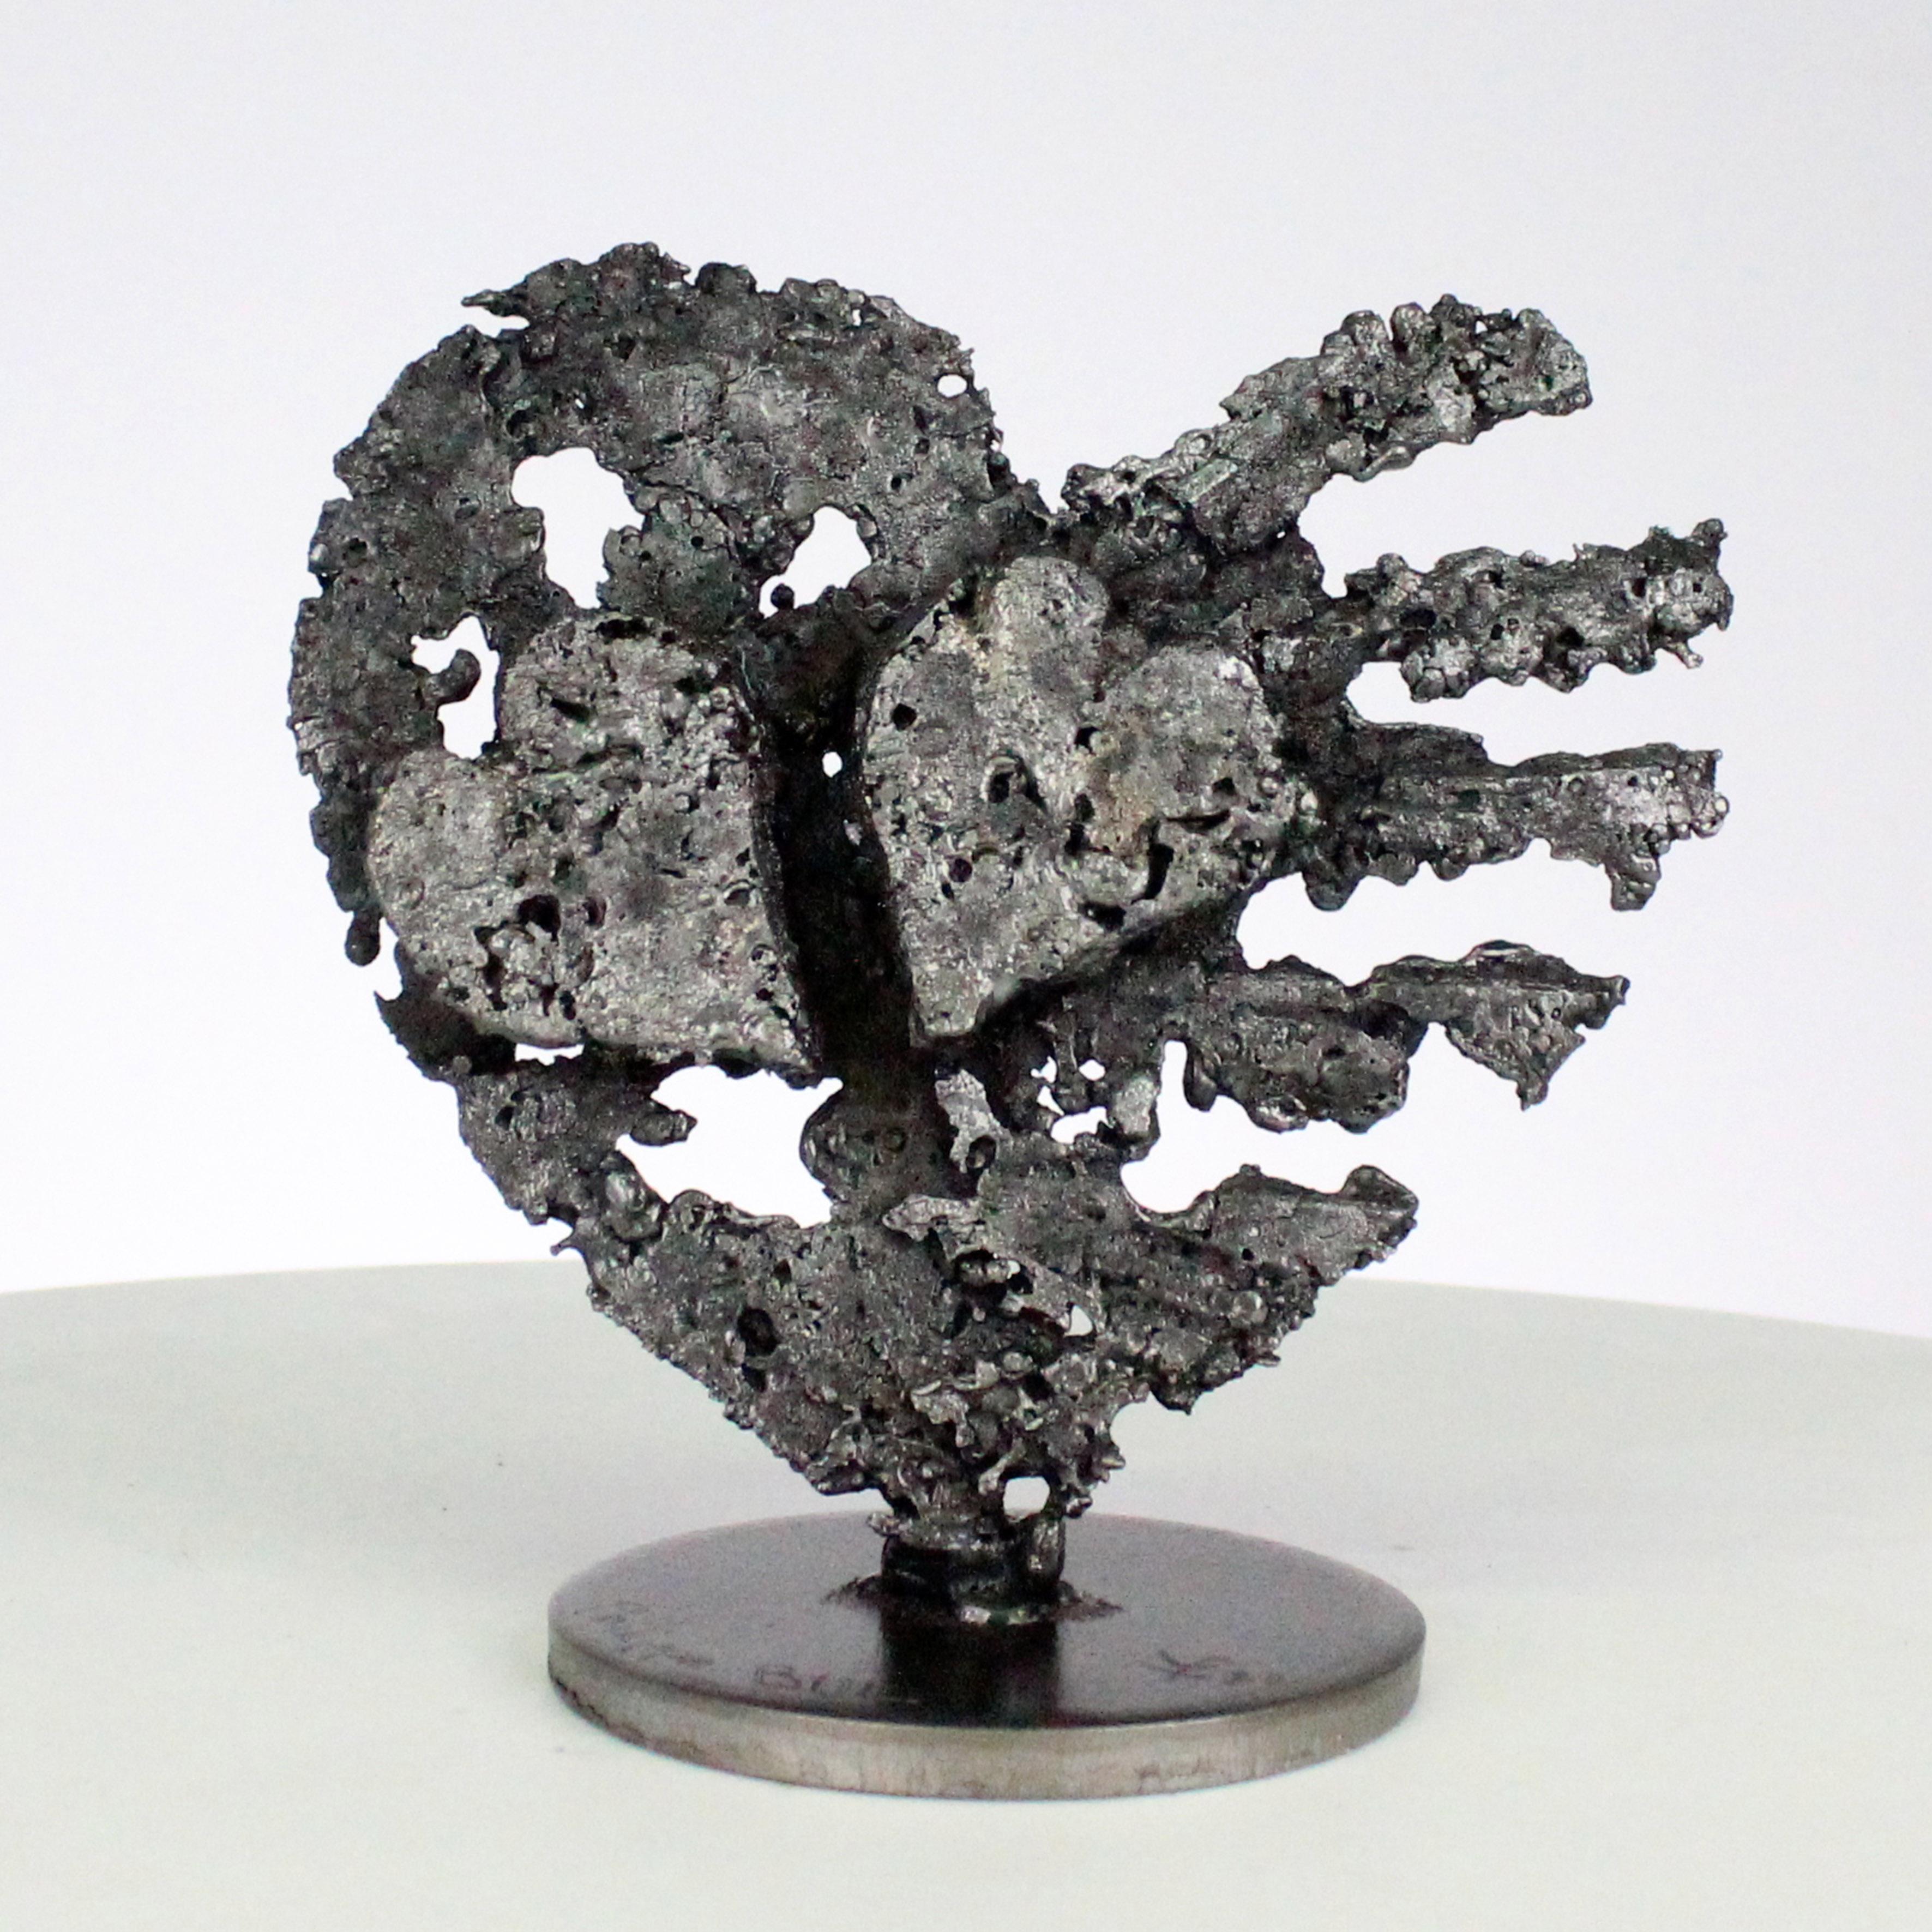 De coeurs sur coeur - Sculpture coeurs acier sur coeur métal - hearts steel metal sculpture - Philippe Buil